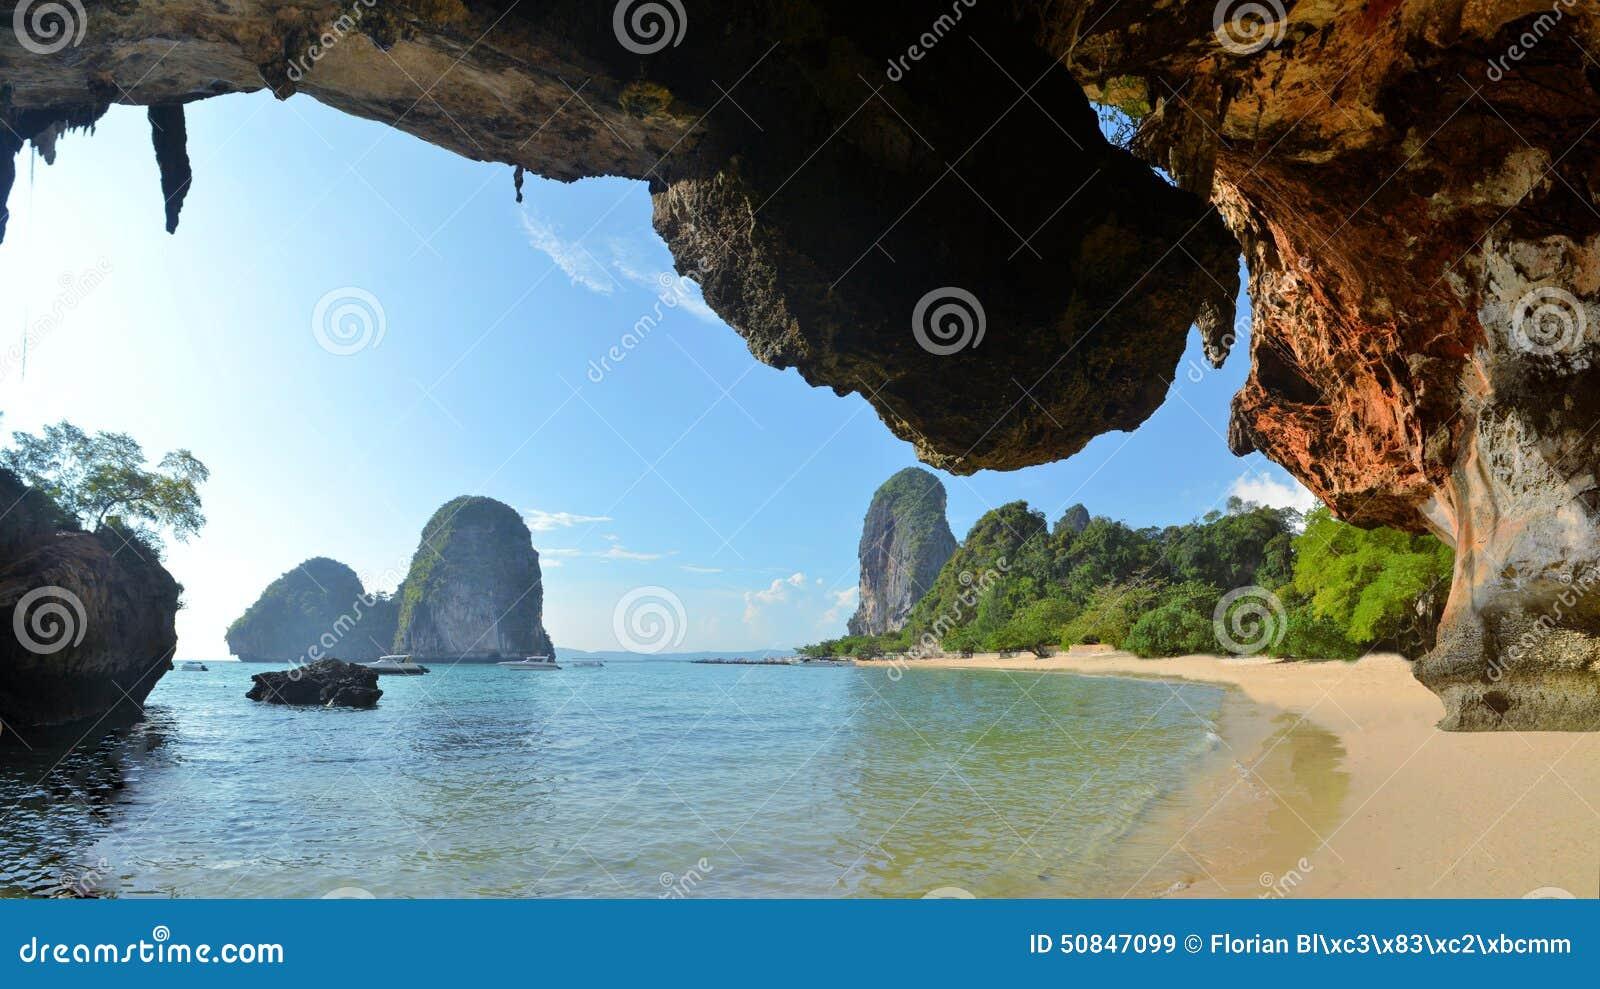 Chiara acqua cielo blu alla spiaggia della caverna krabi - Alla colorazione della spiaggia ...